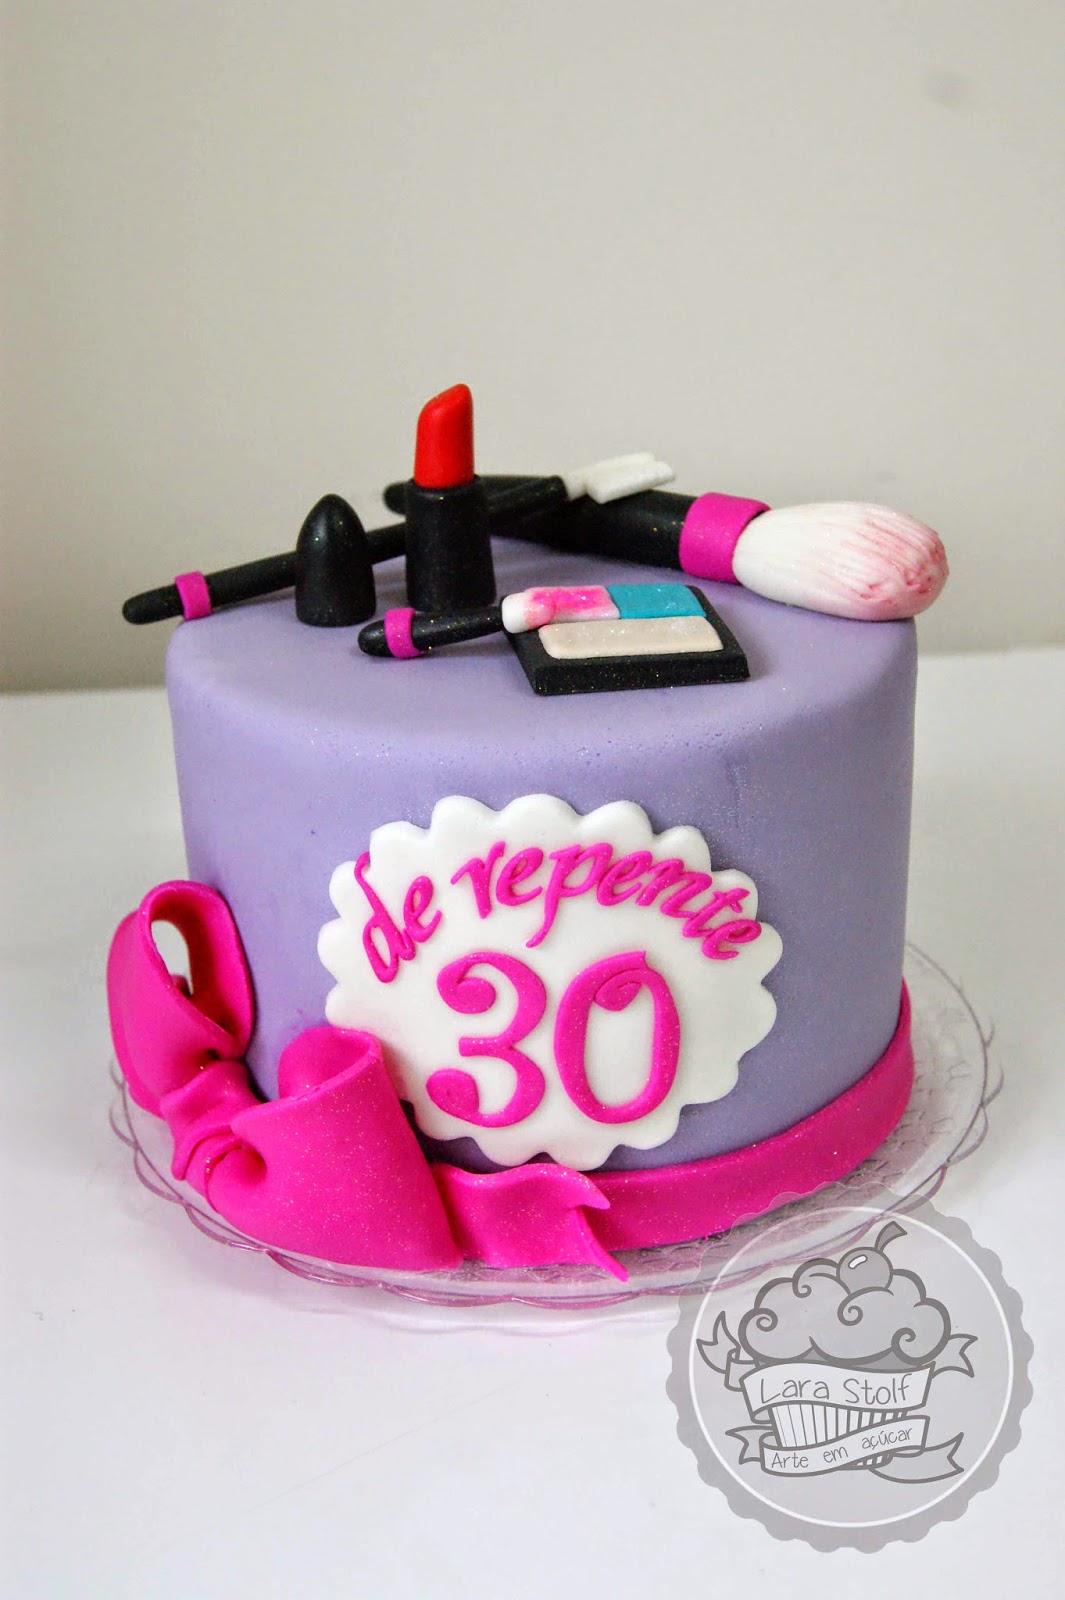 Lara stolf arte em aucar bolo de repente 30 bolo feito com muito carinho para o aniversrio de 30 anos da minha amiga paula altavistaventures Gallery